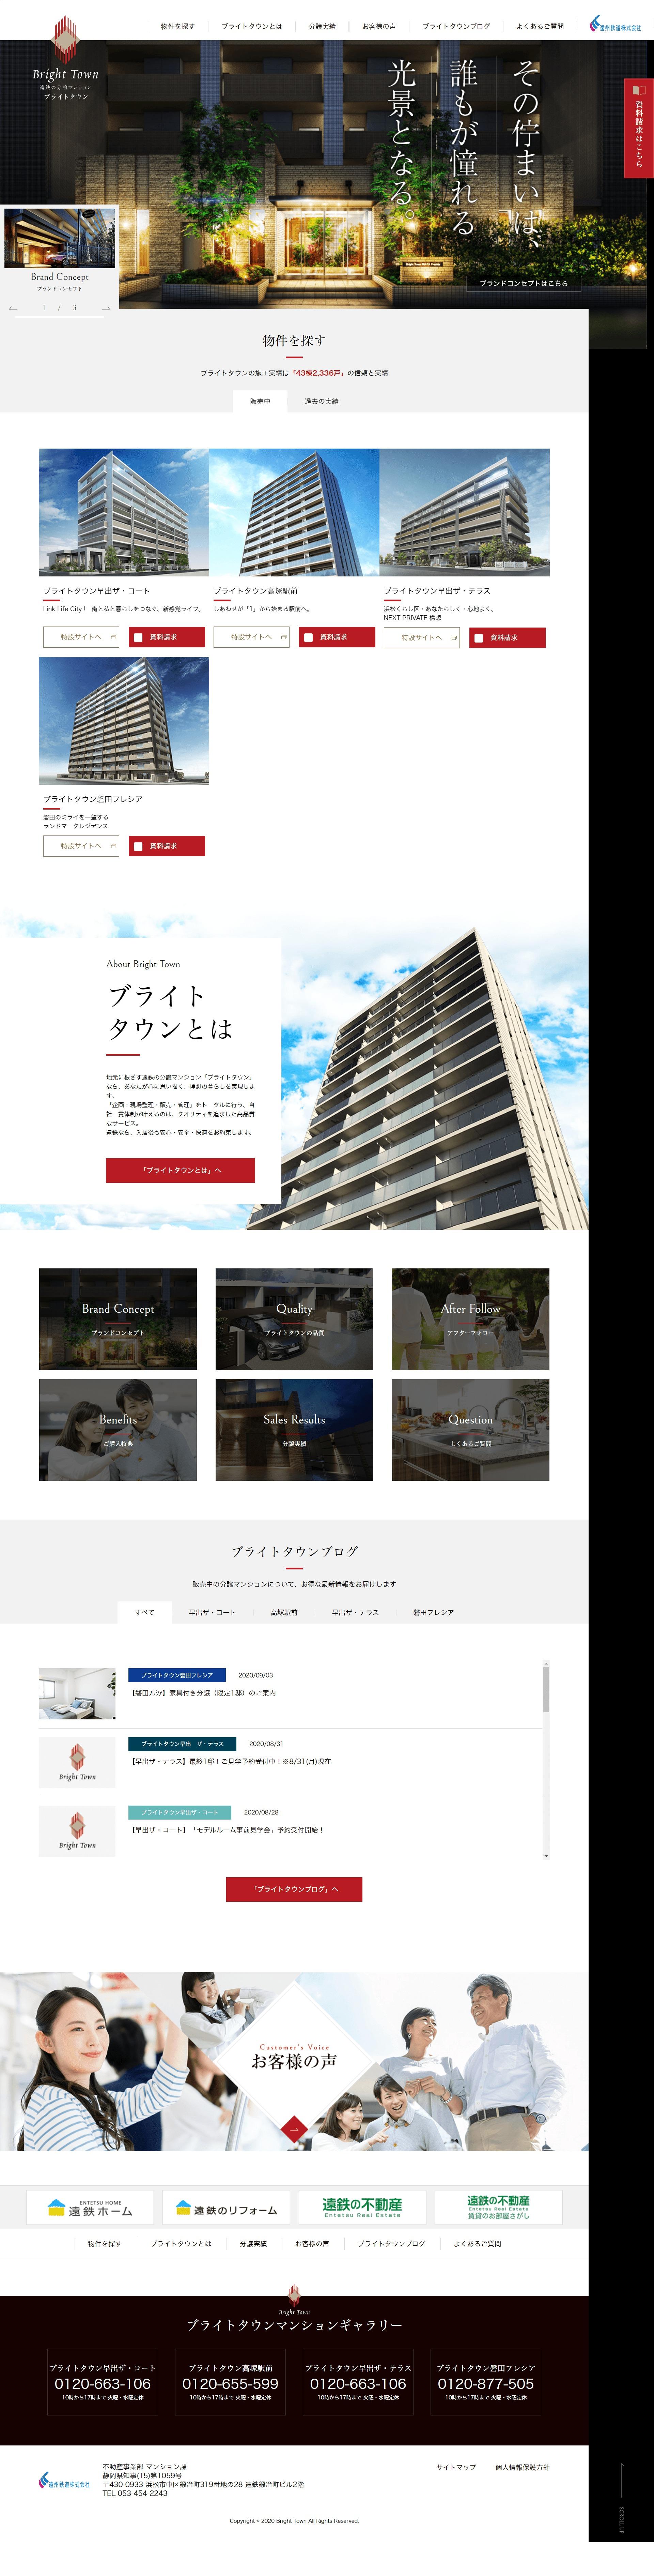 遠州鉄道株式会社様 ブライトタウンサイト